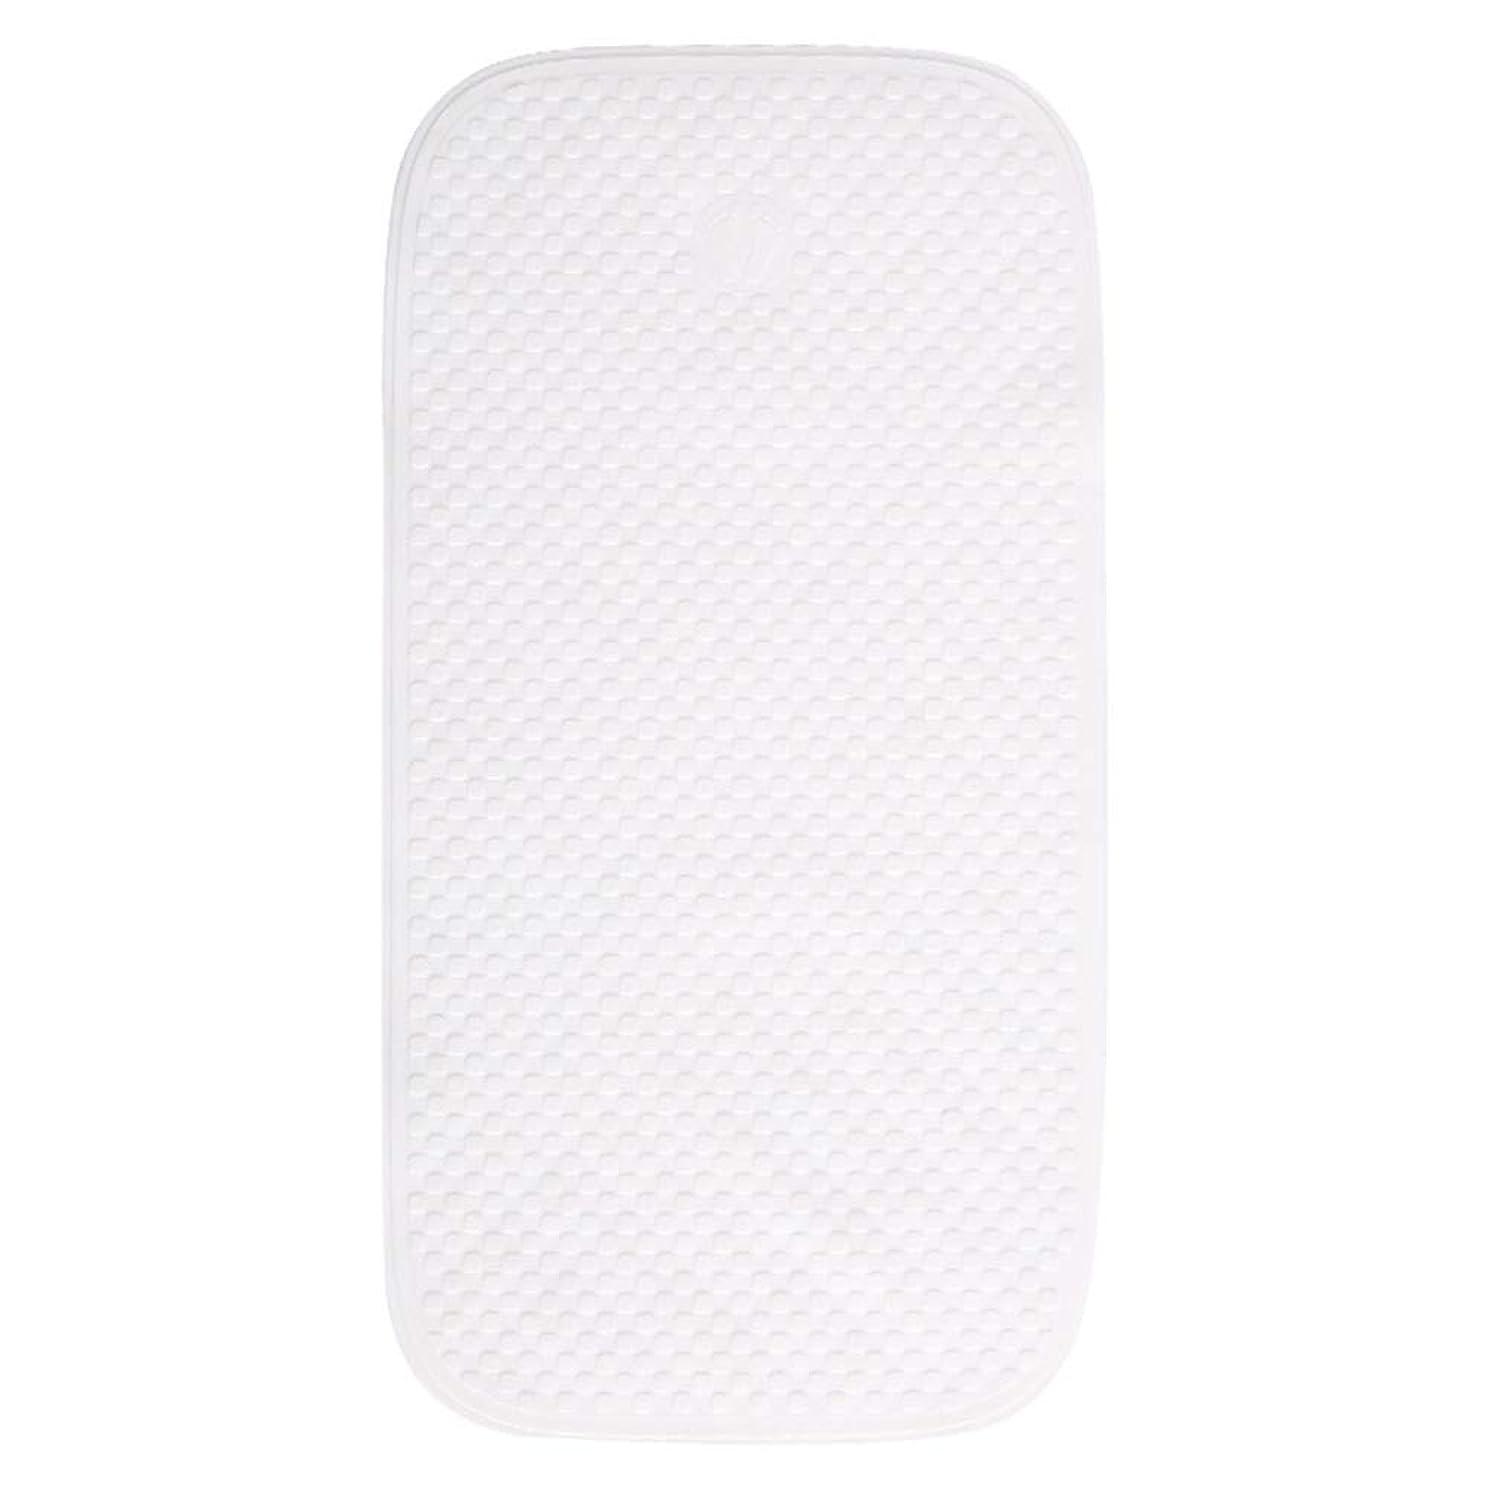 永久宝石進化するGYYARSX 浴室足ふきマット風呂ホーム子ども老人マッサージポイント柔らかい吸盤PVC、4色 (Color : White, Size : 71X38CM)